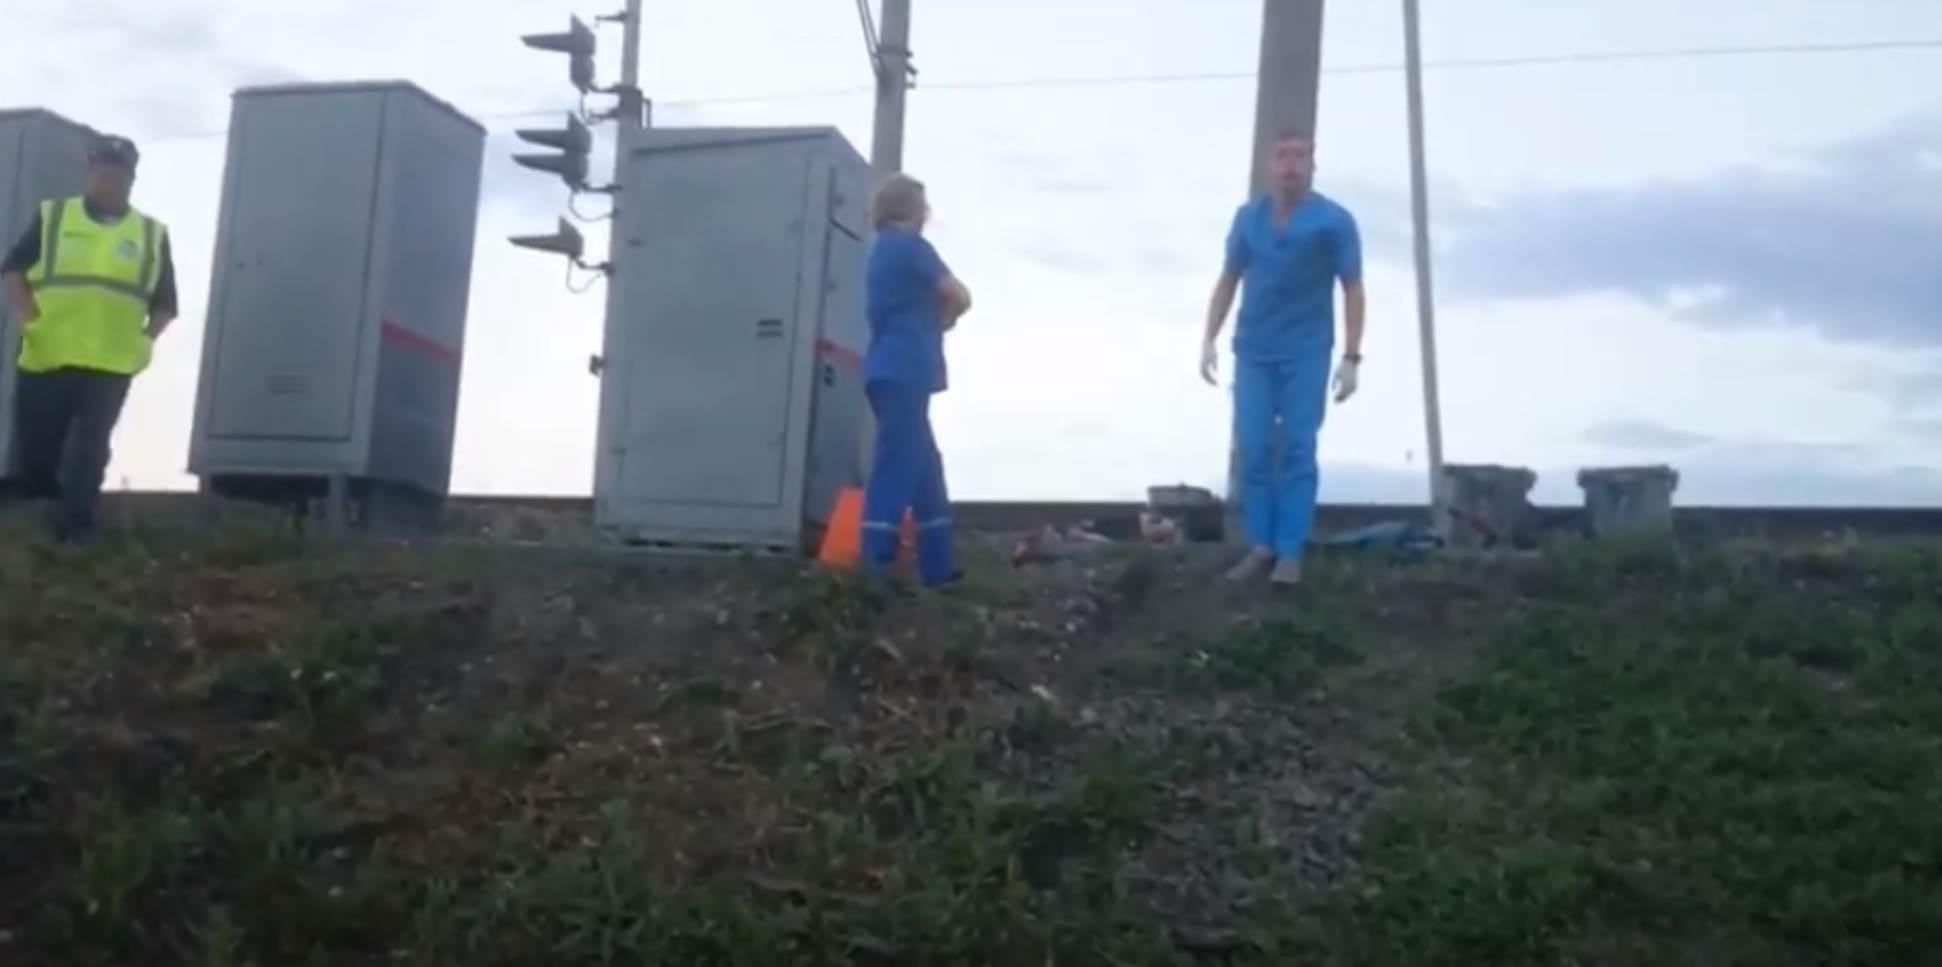 Товарняк насмерть сбил мужчину в Бердске (видео)